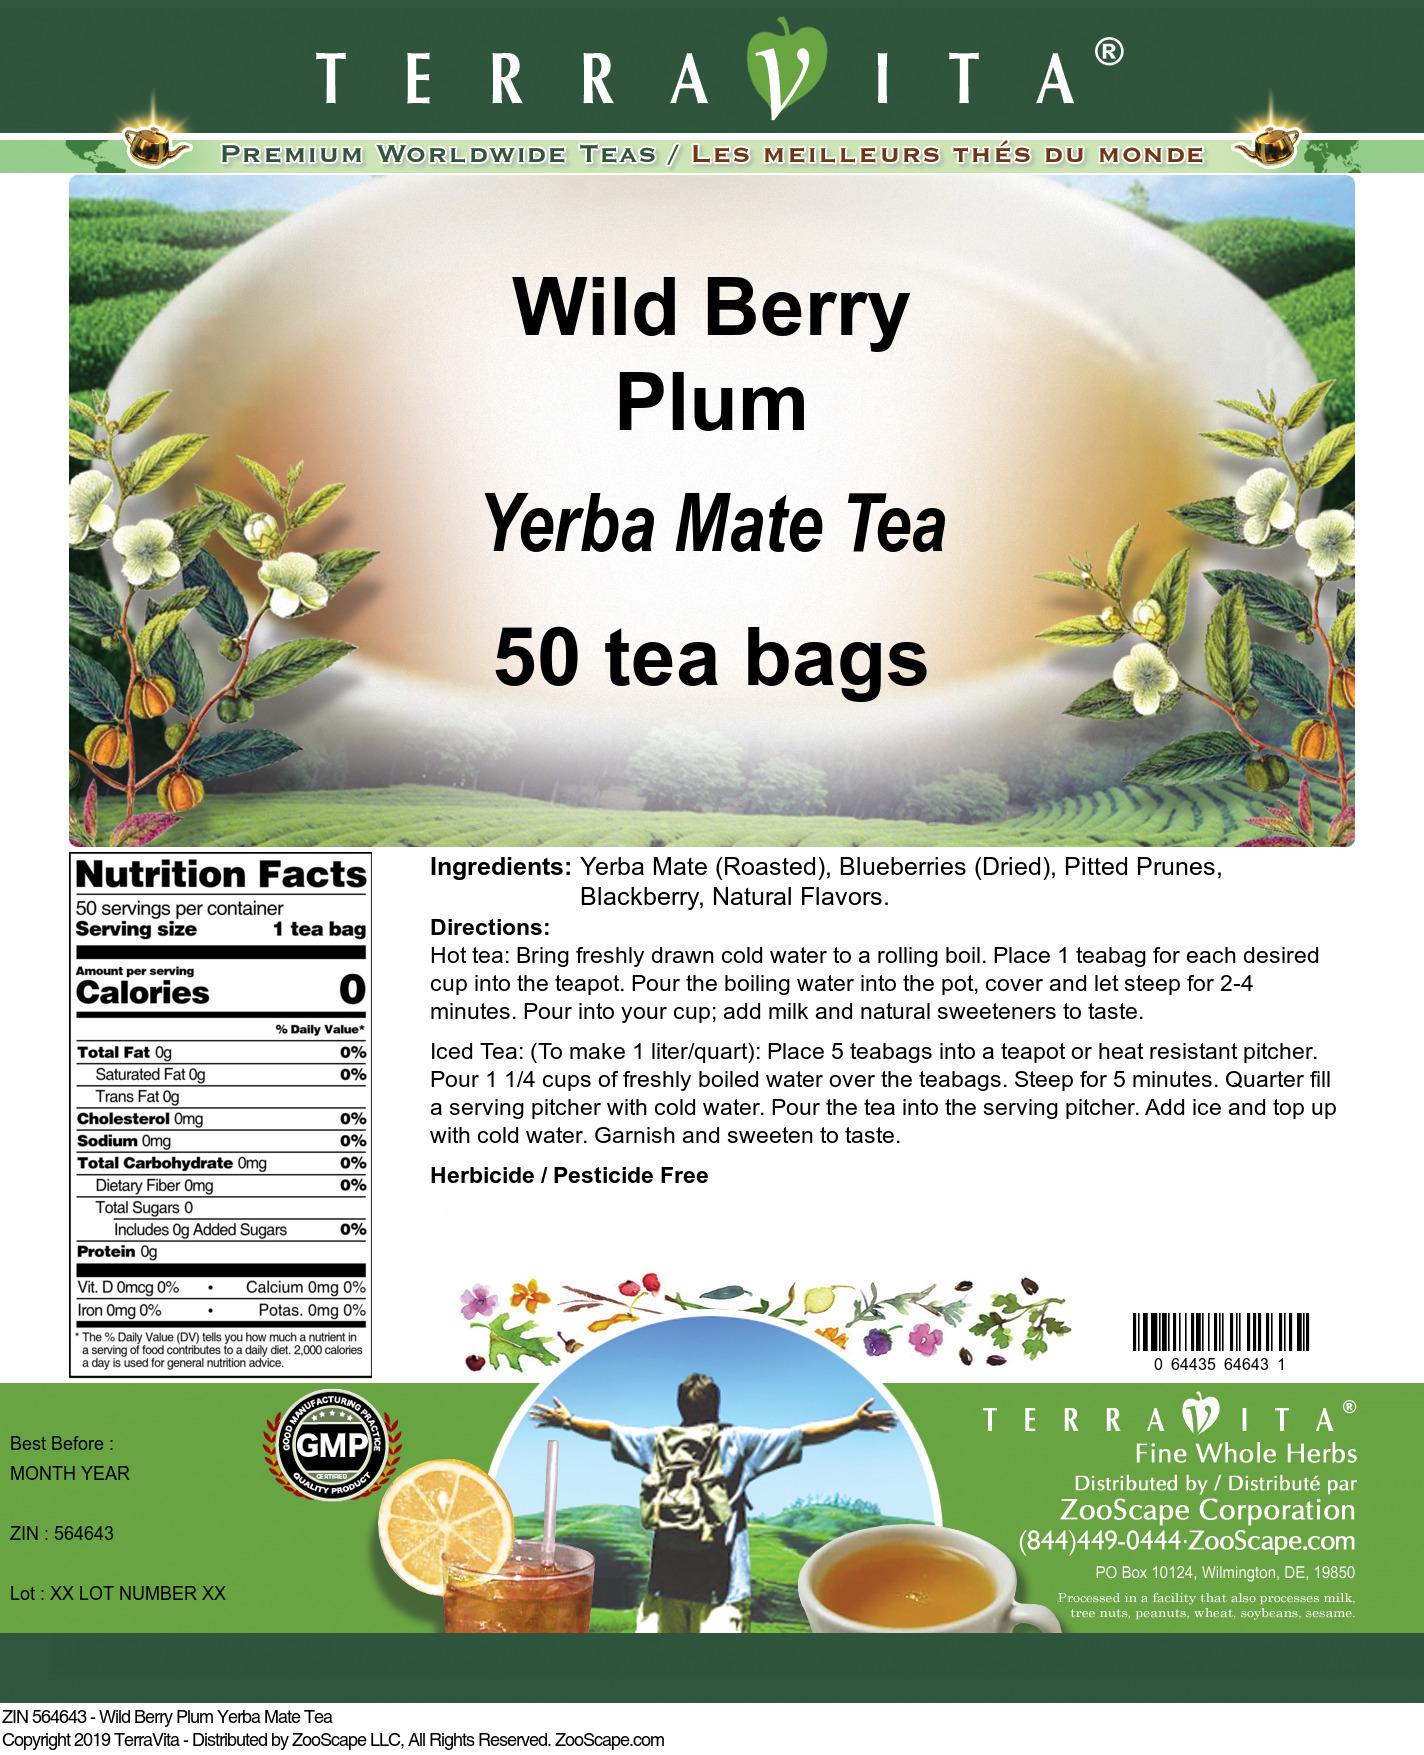 Wild Berry Plum Yerba Mate Tea